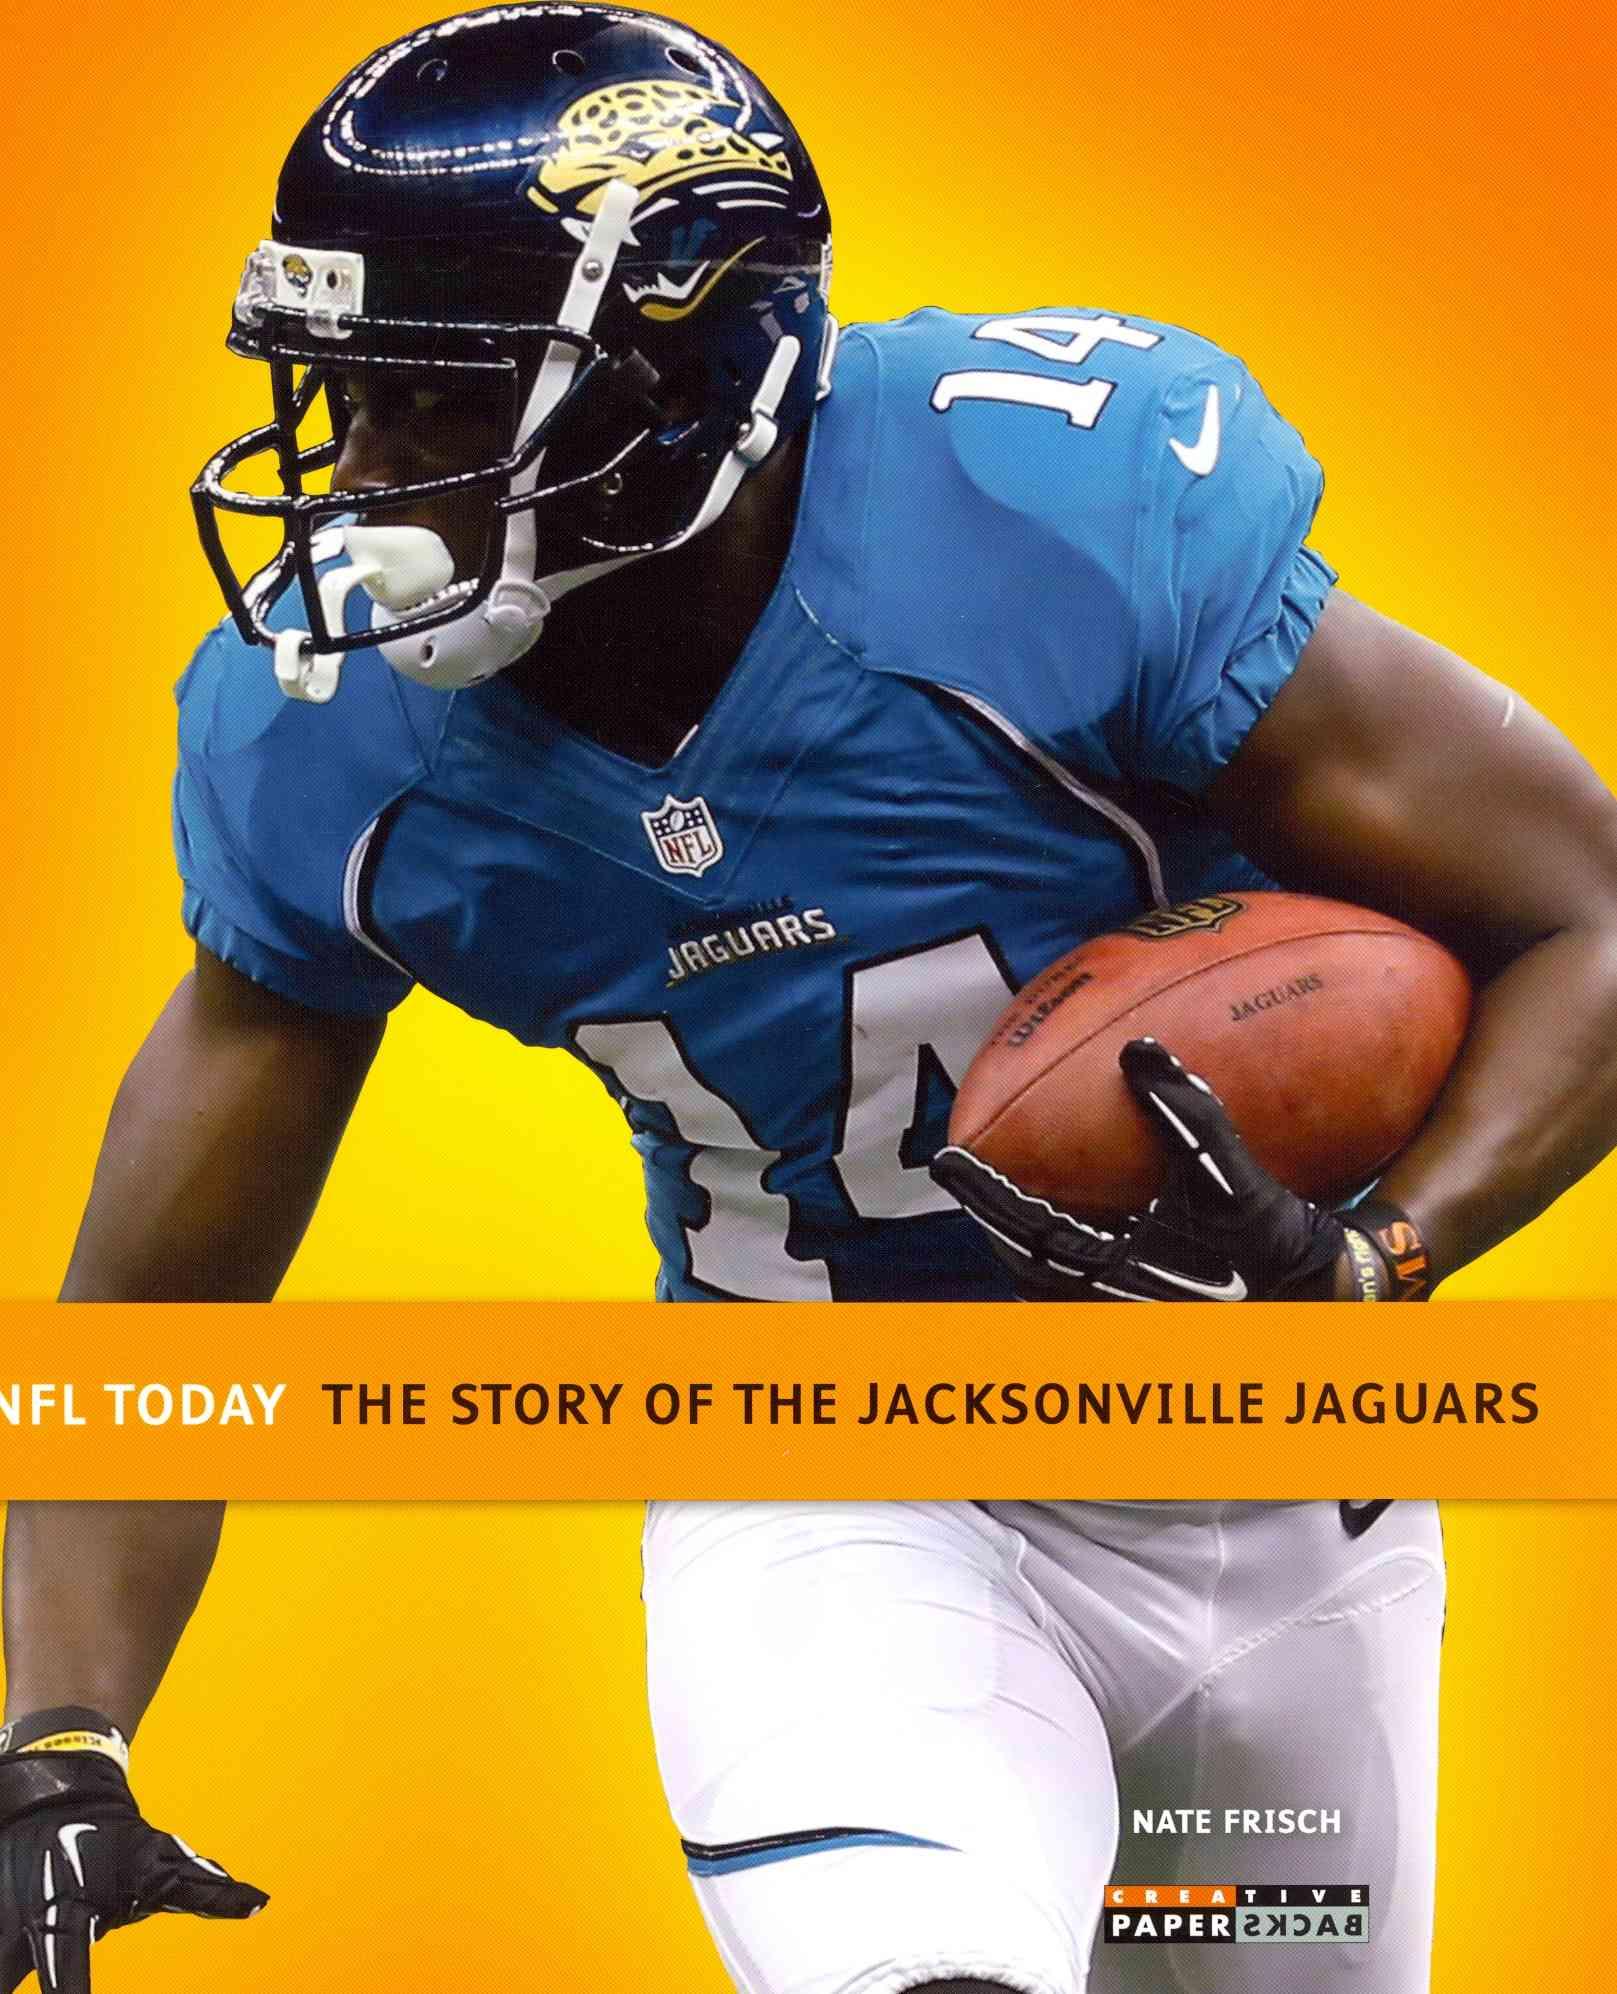 Jacksonville Jaguars By Frisch, Nate